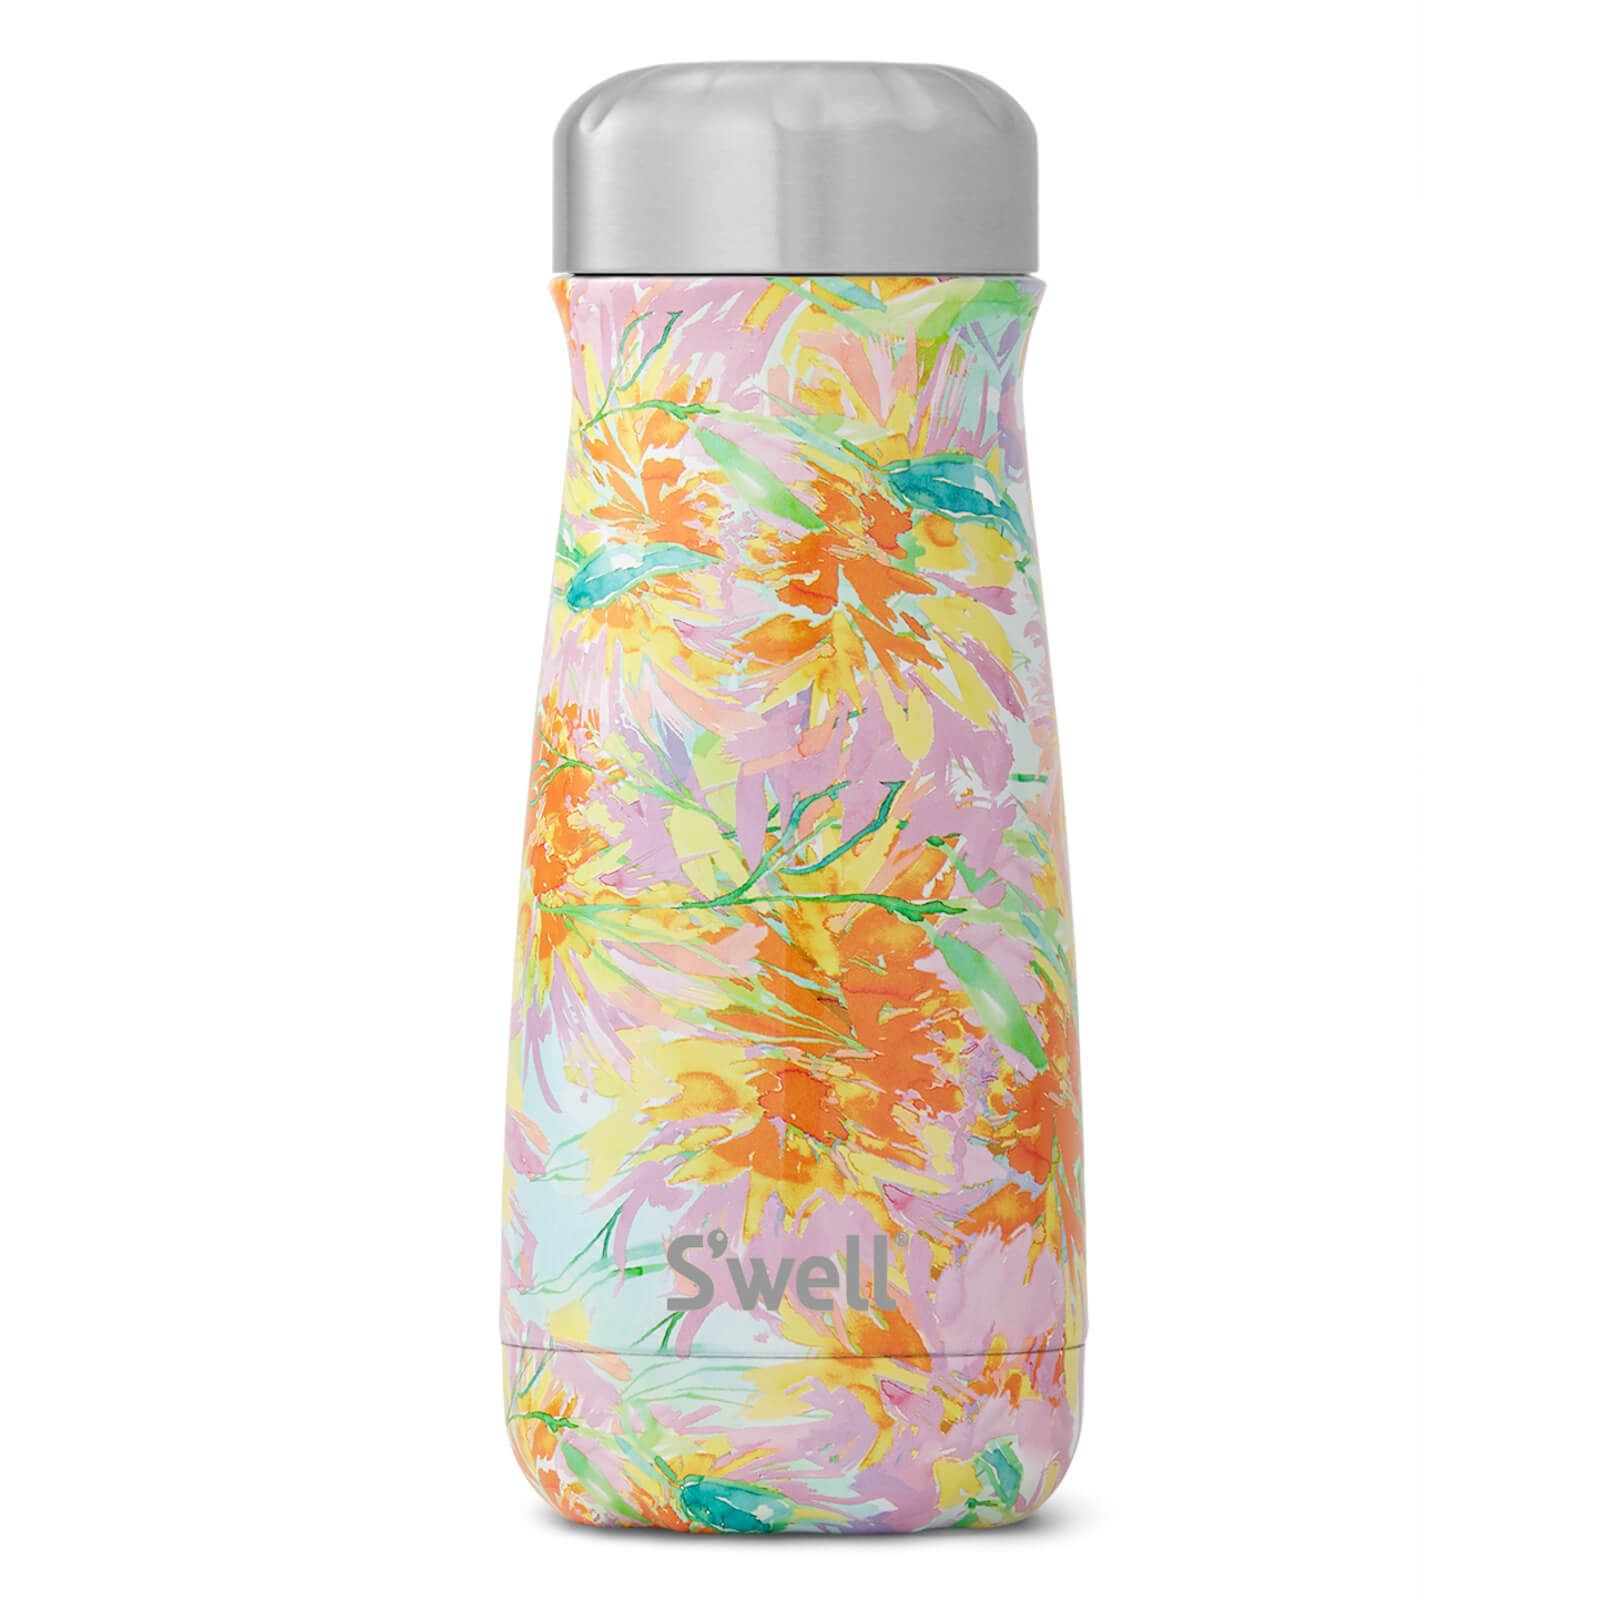 S'well Sunkissed Traveller Bottle - 470ml